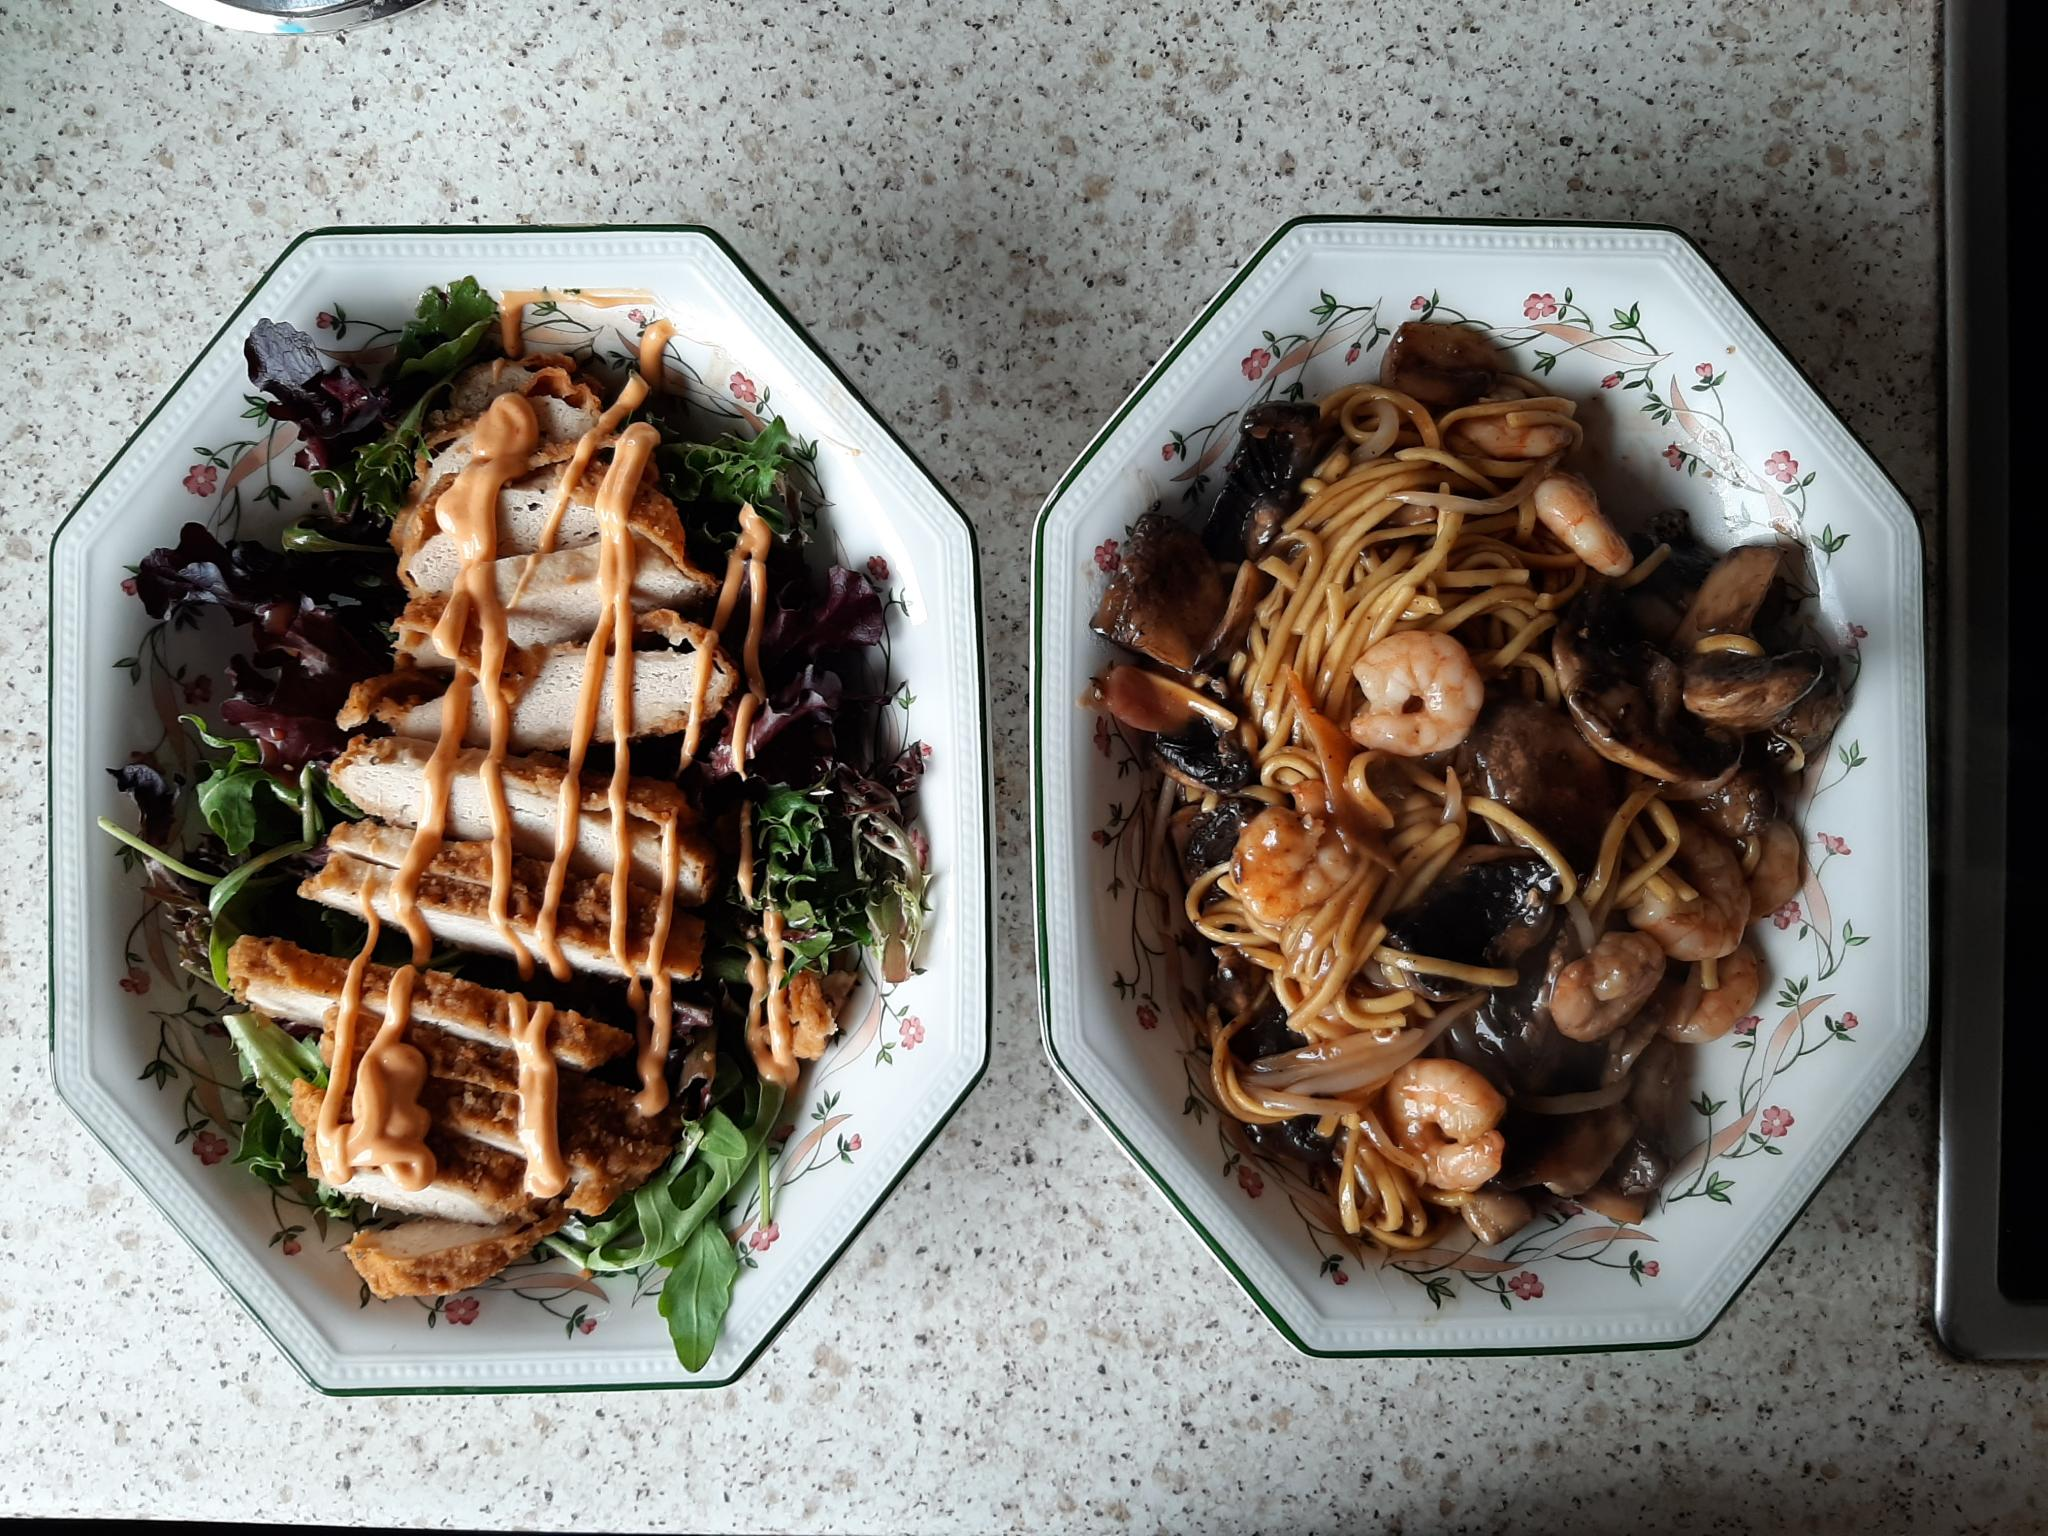 Prawn Hoisin & Plum Egg Noodles With Side Salad-20200610_173754-jpg